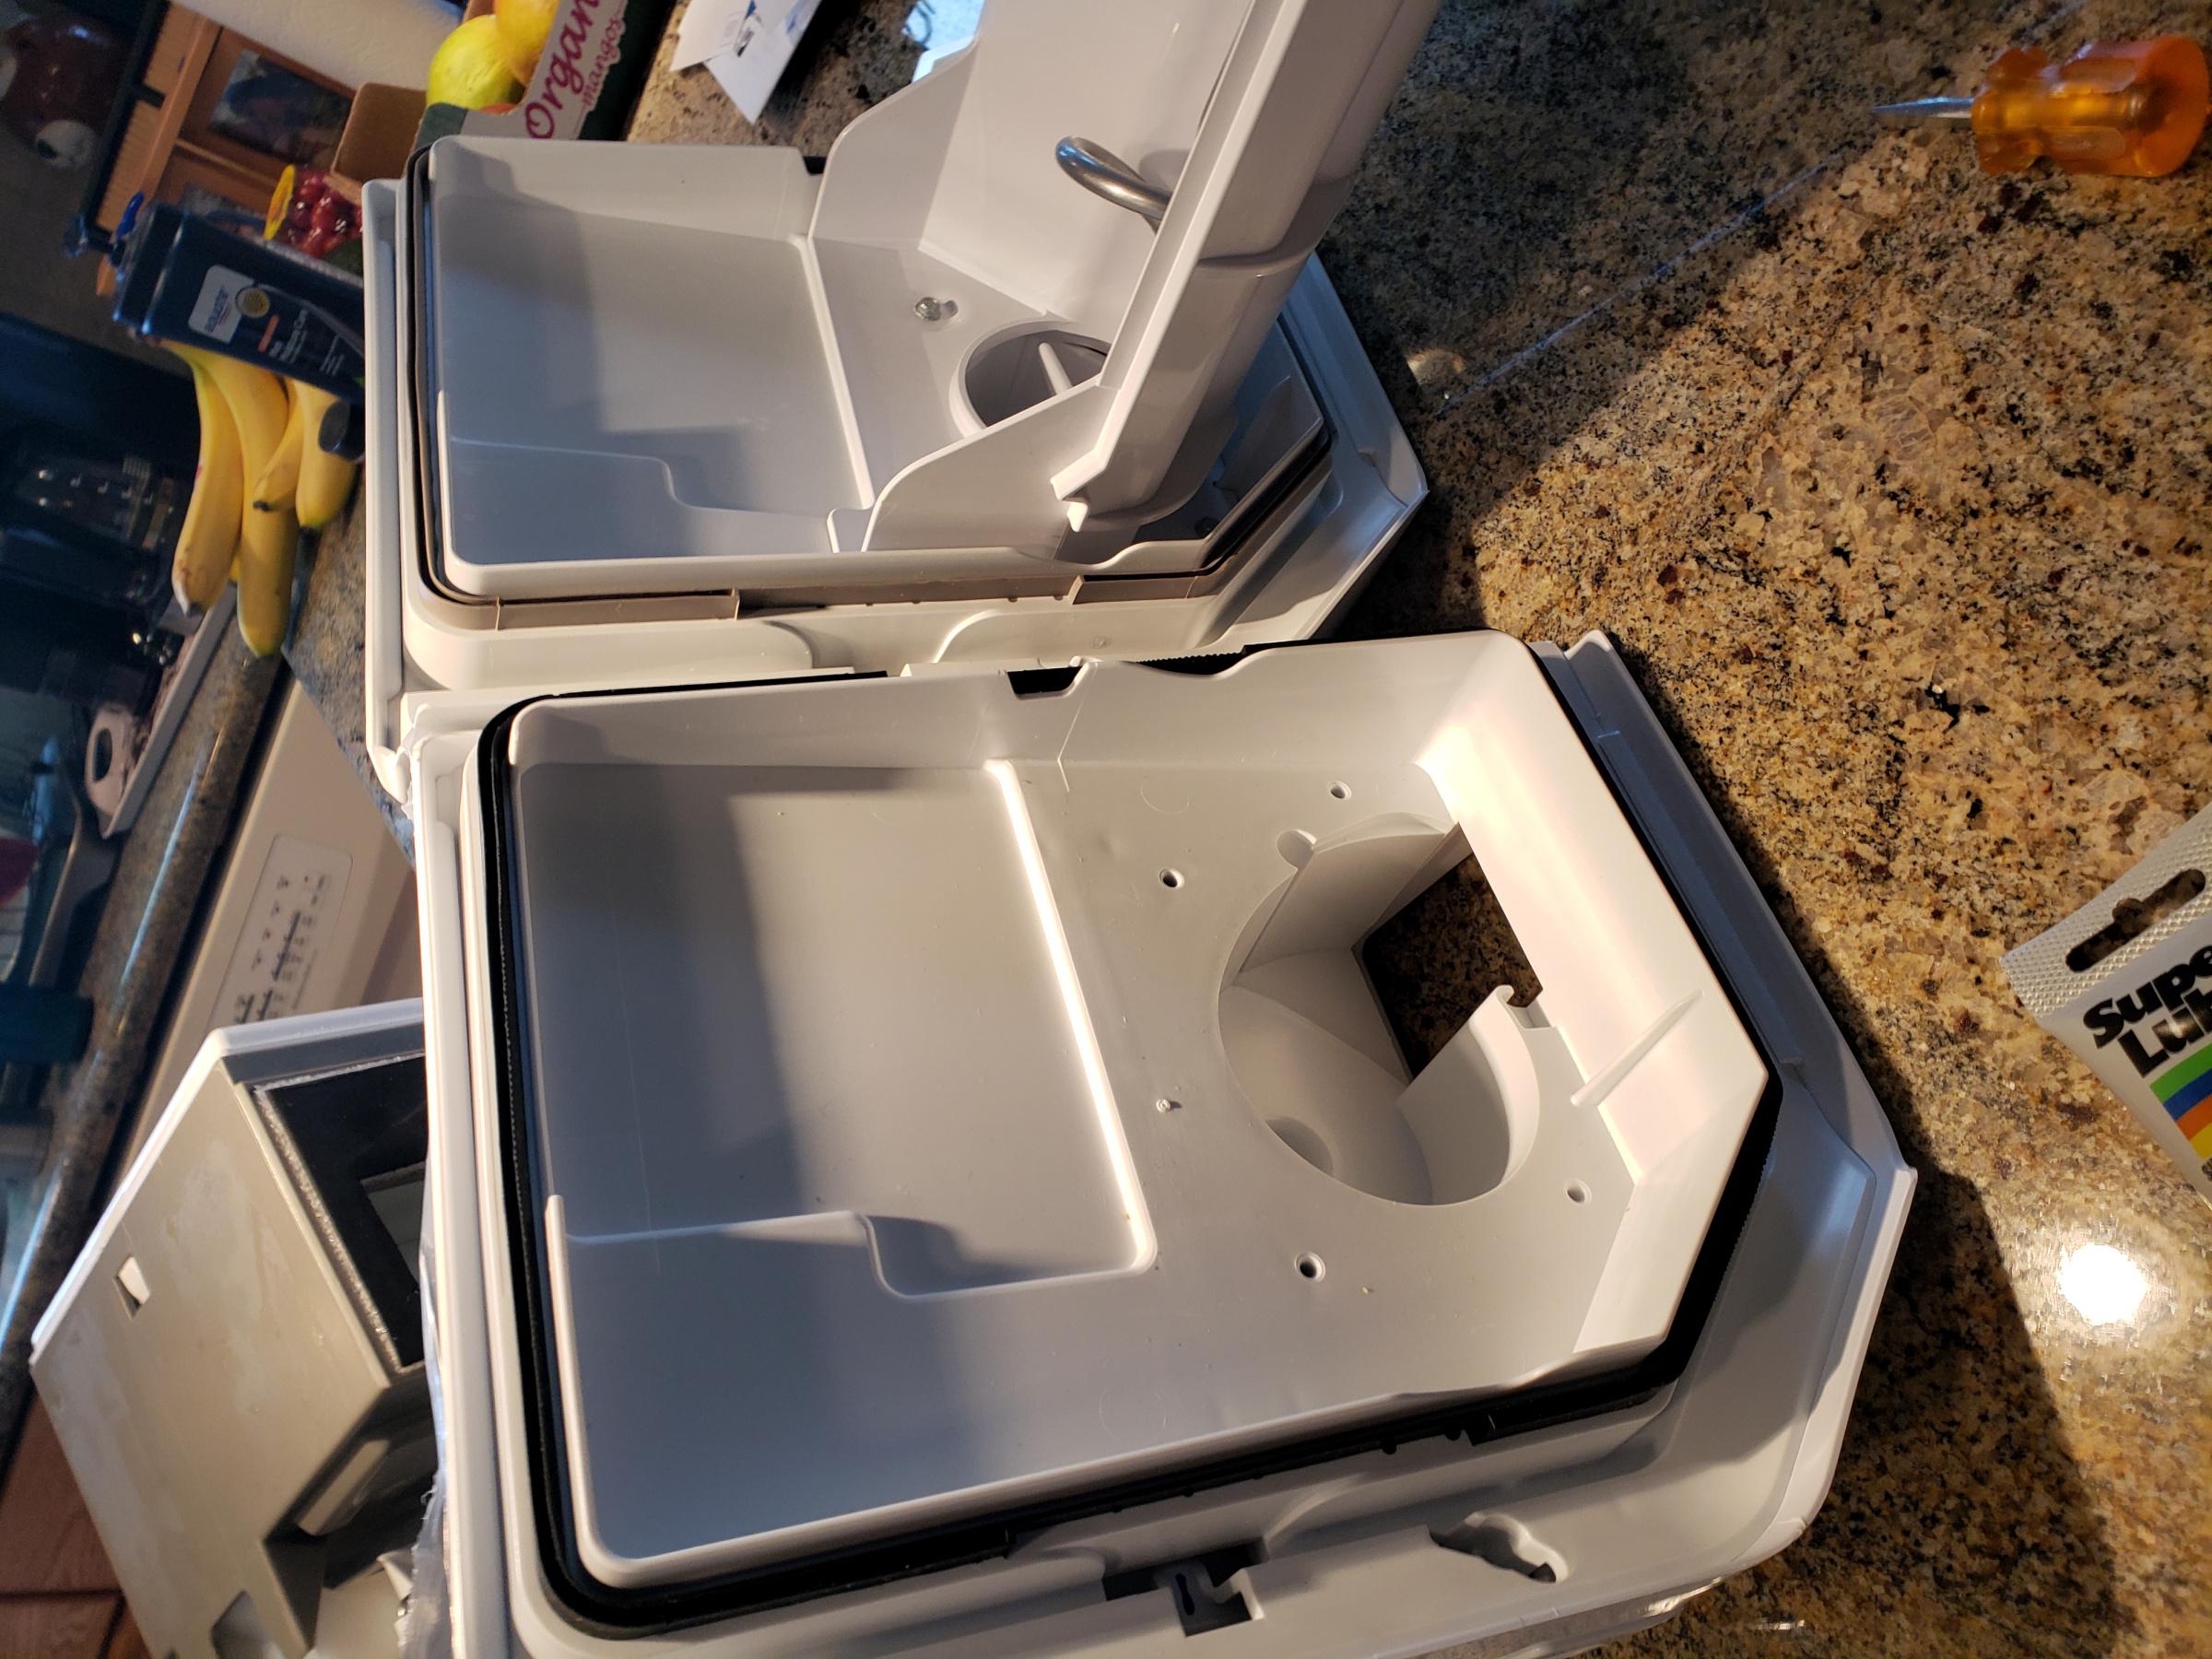 Jenn-air fridge  JFI2089AES2   fridge to cold-20200328_115819.jpg